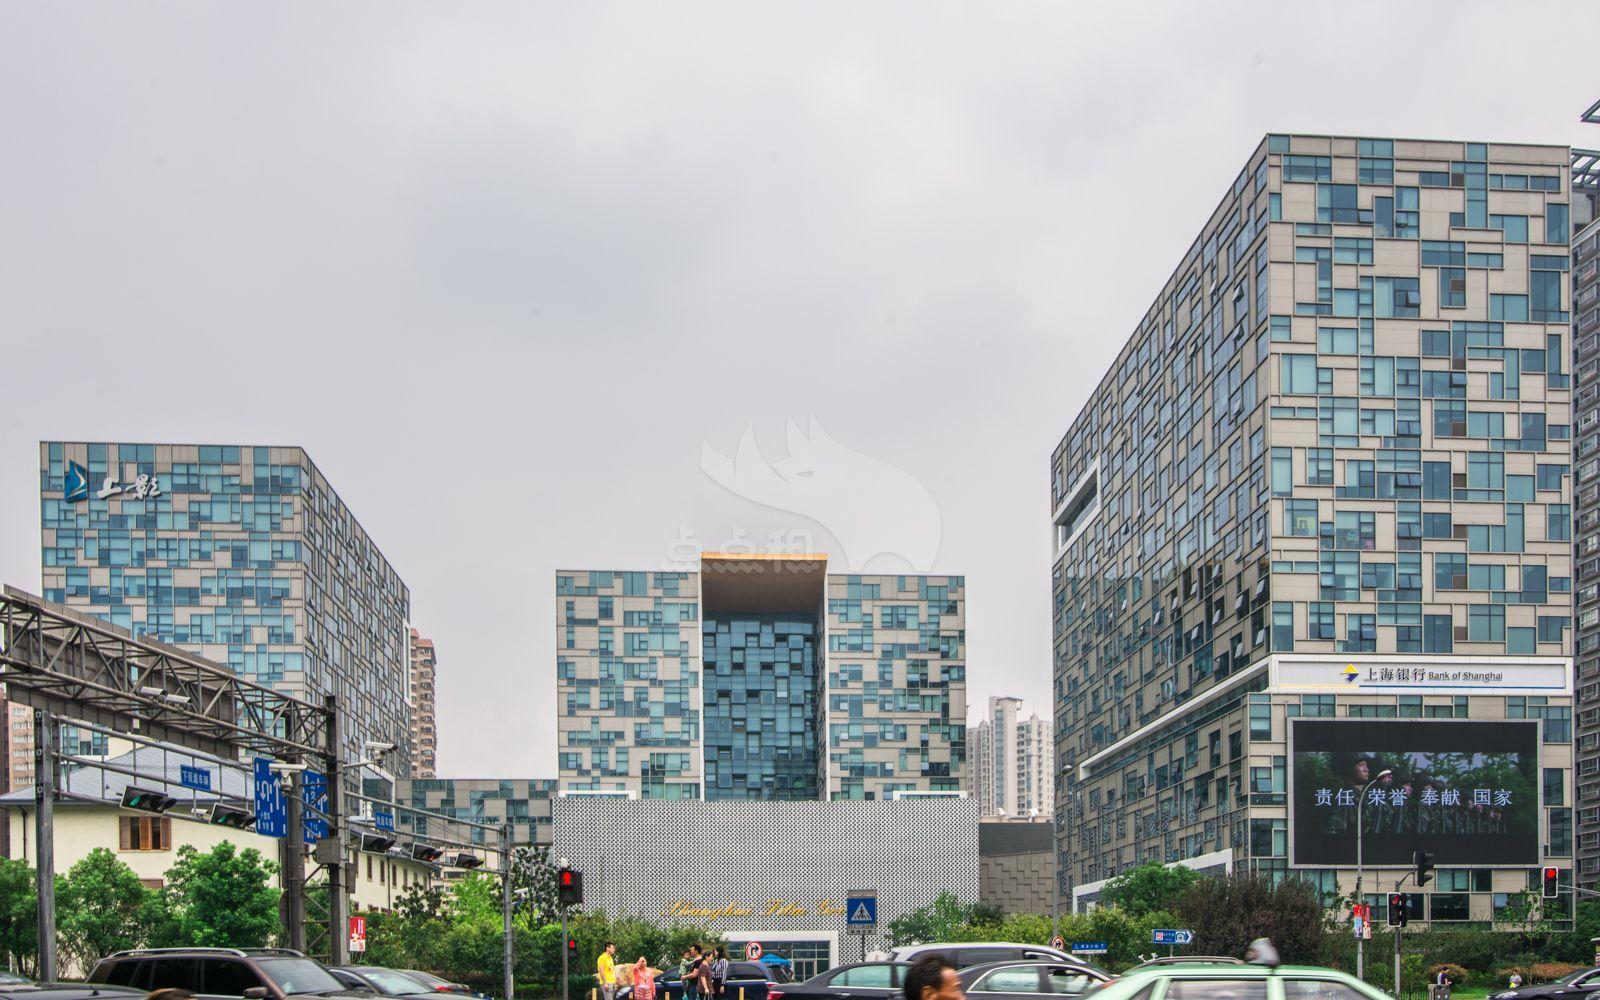 上海电影广场